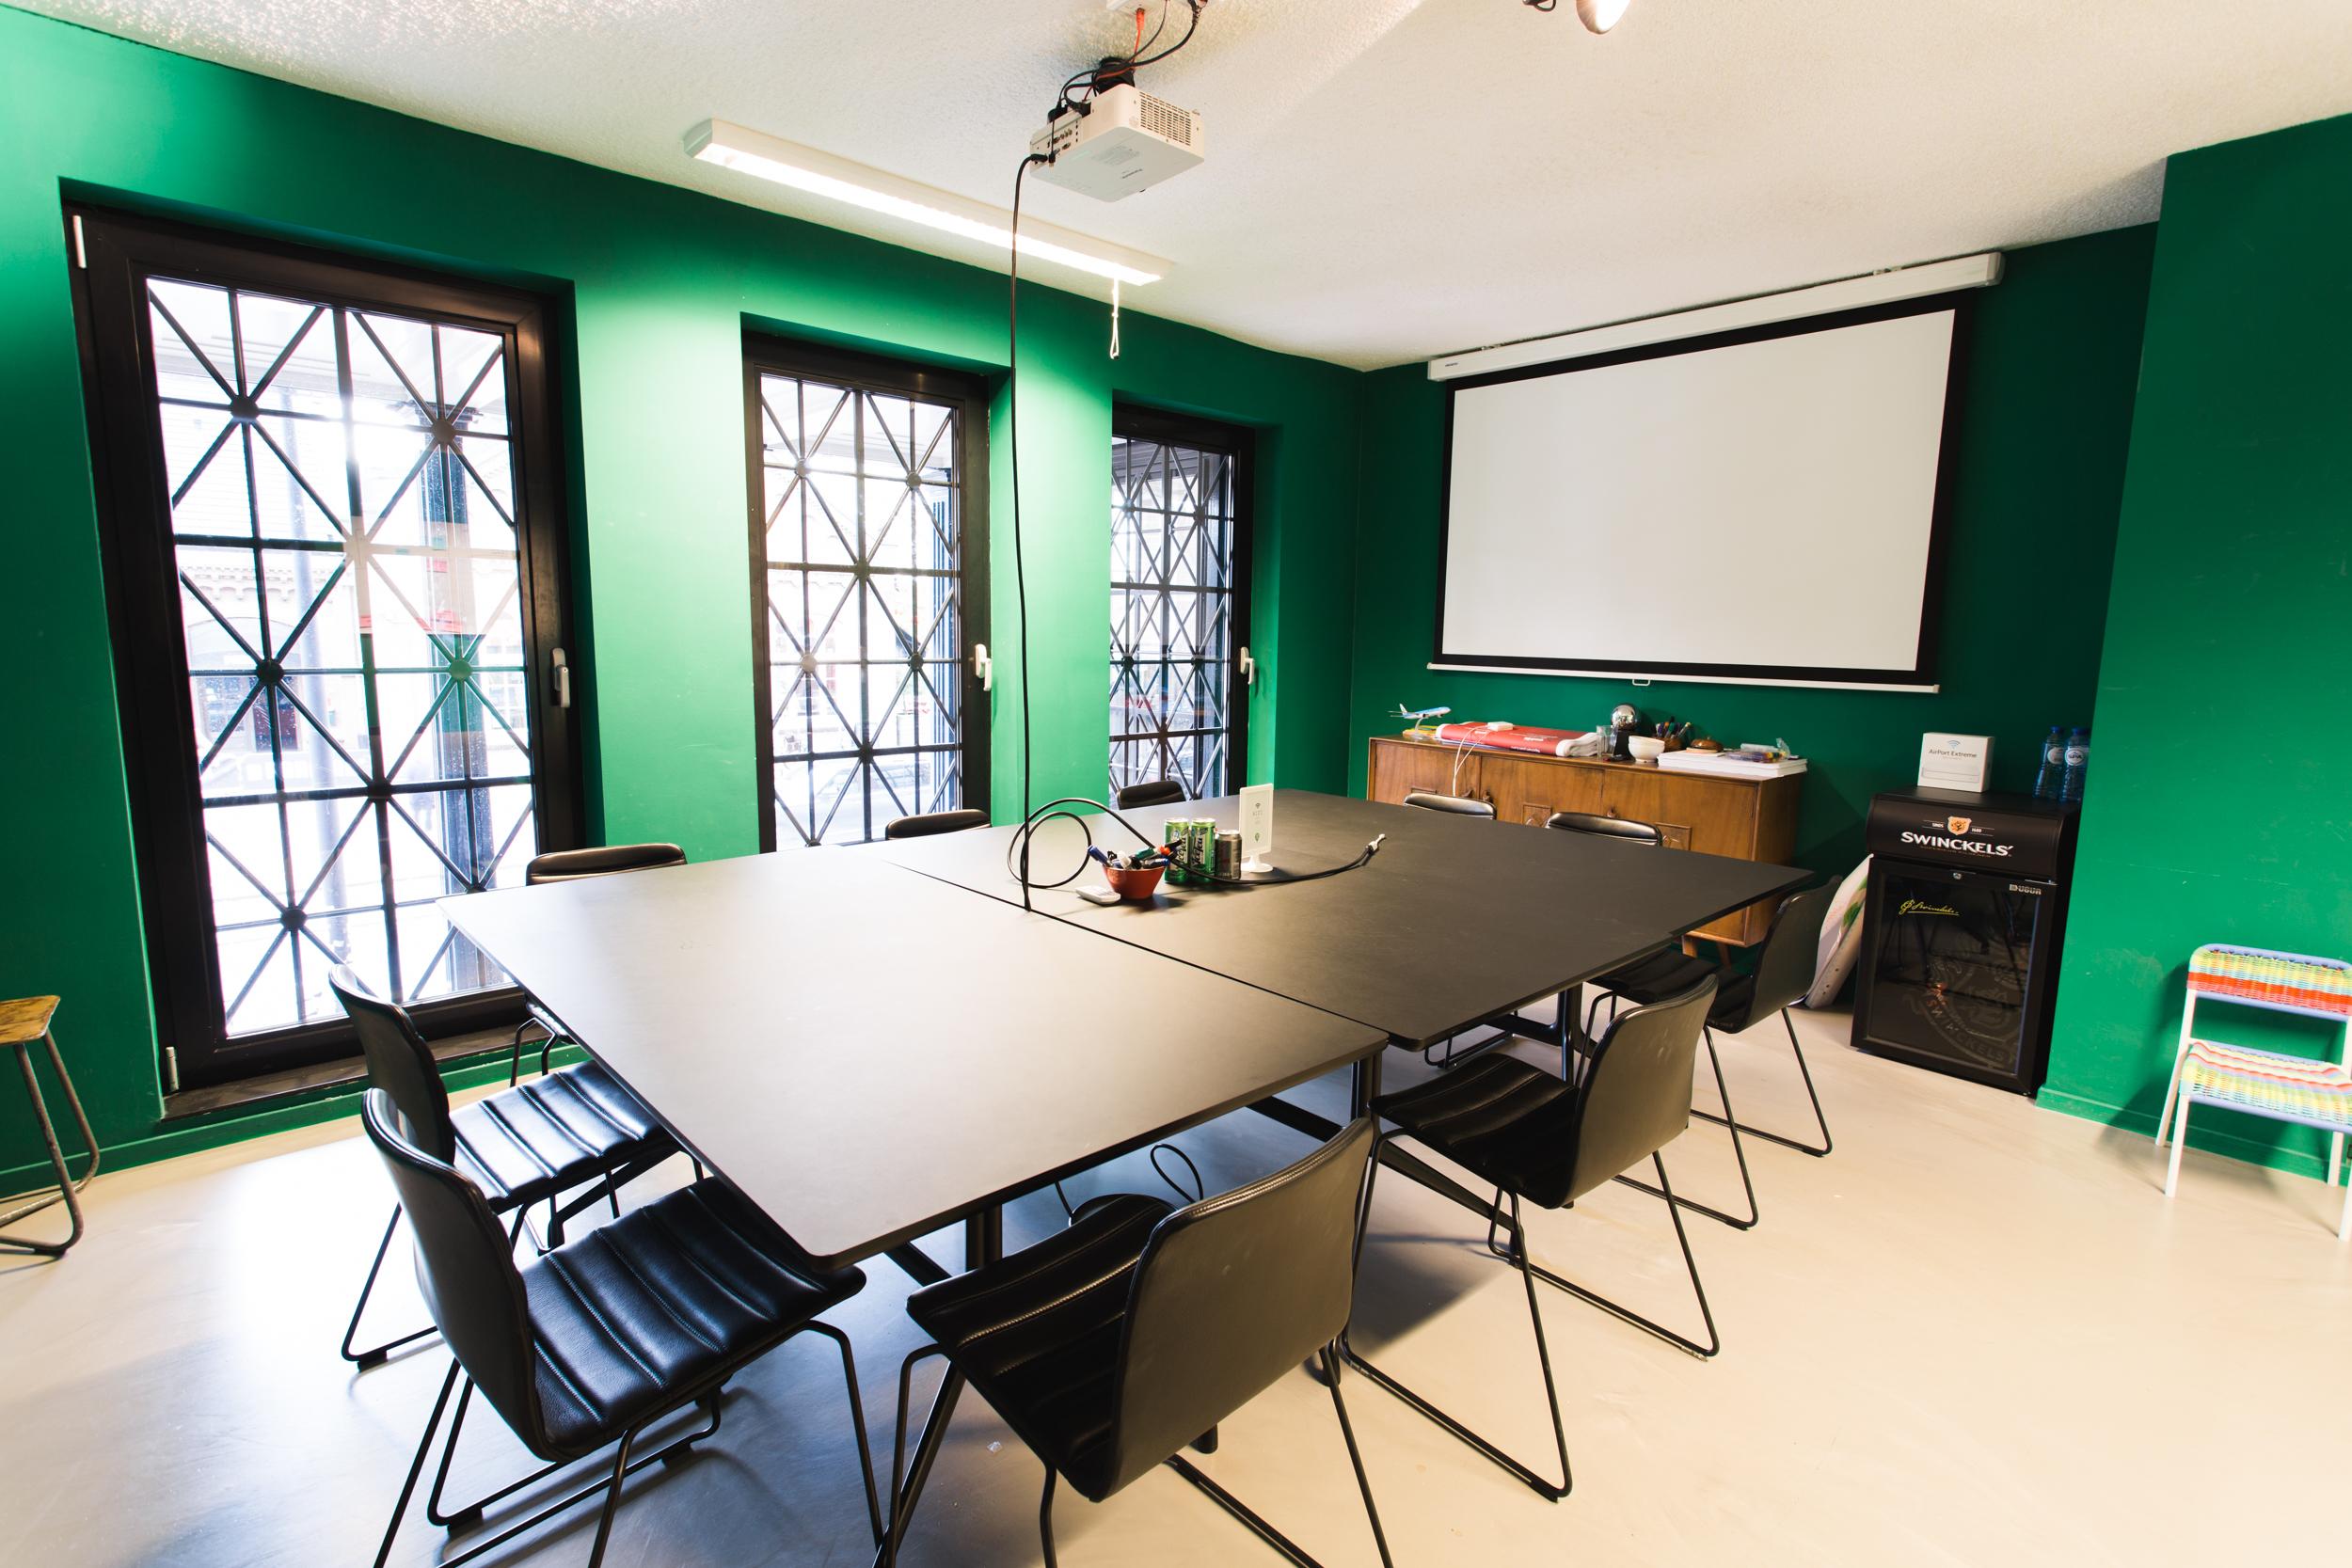 Q42-kantoor-zitplaatsen-vergaderzaal